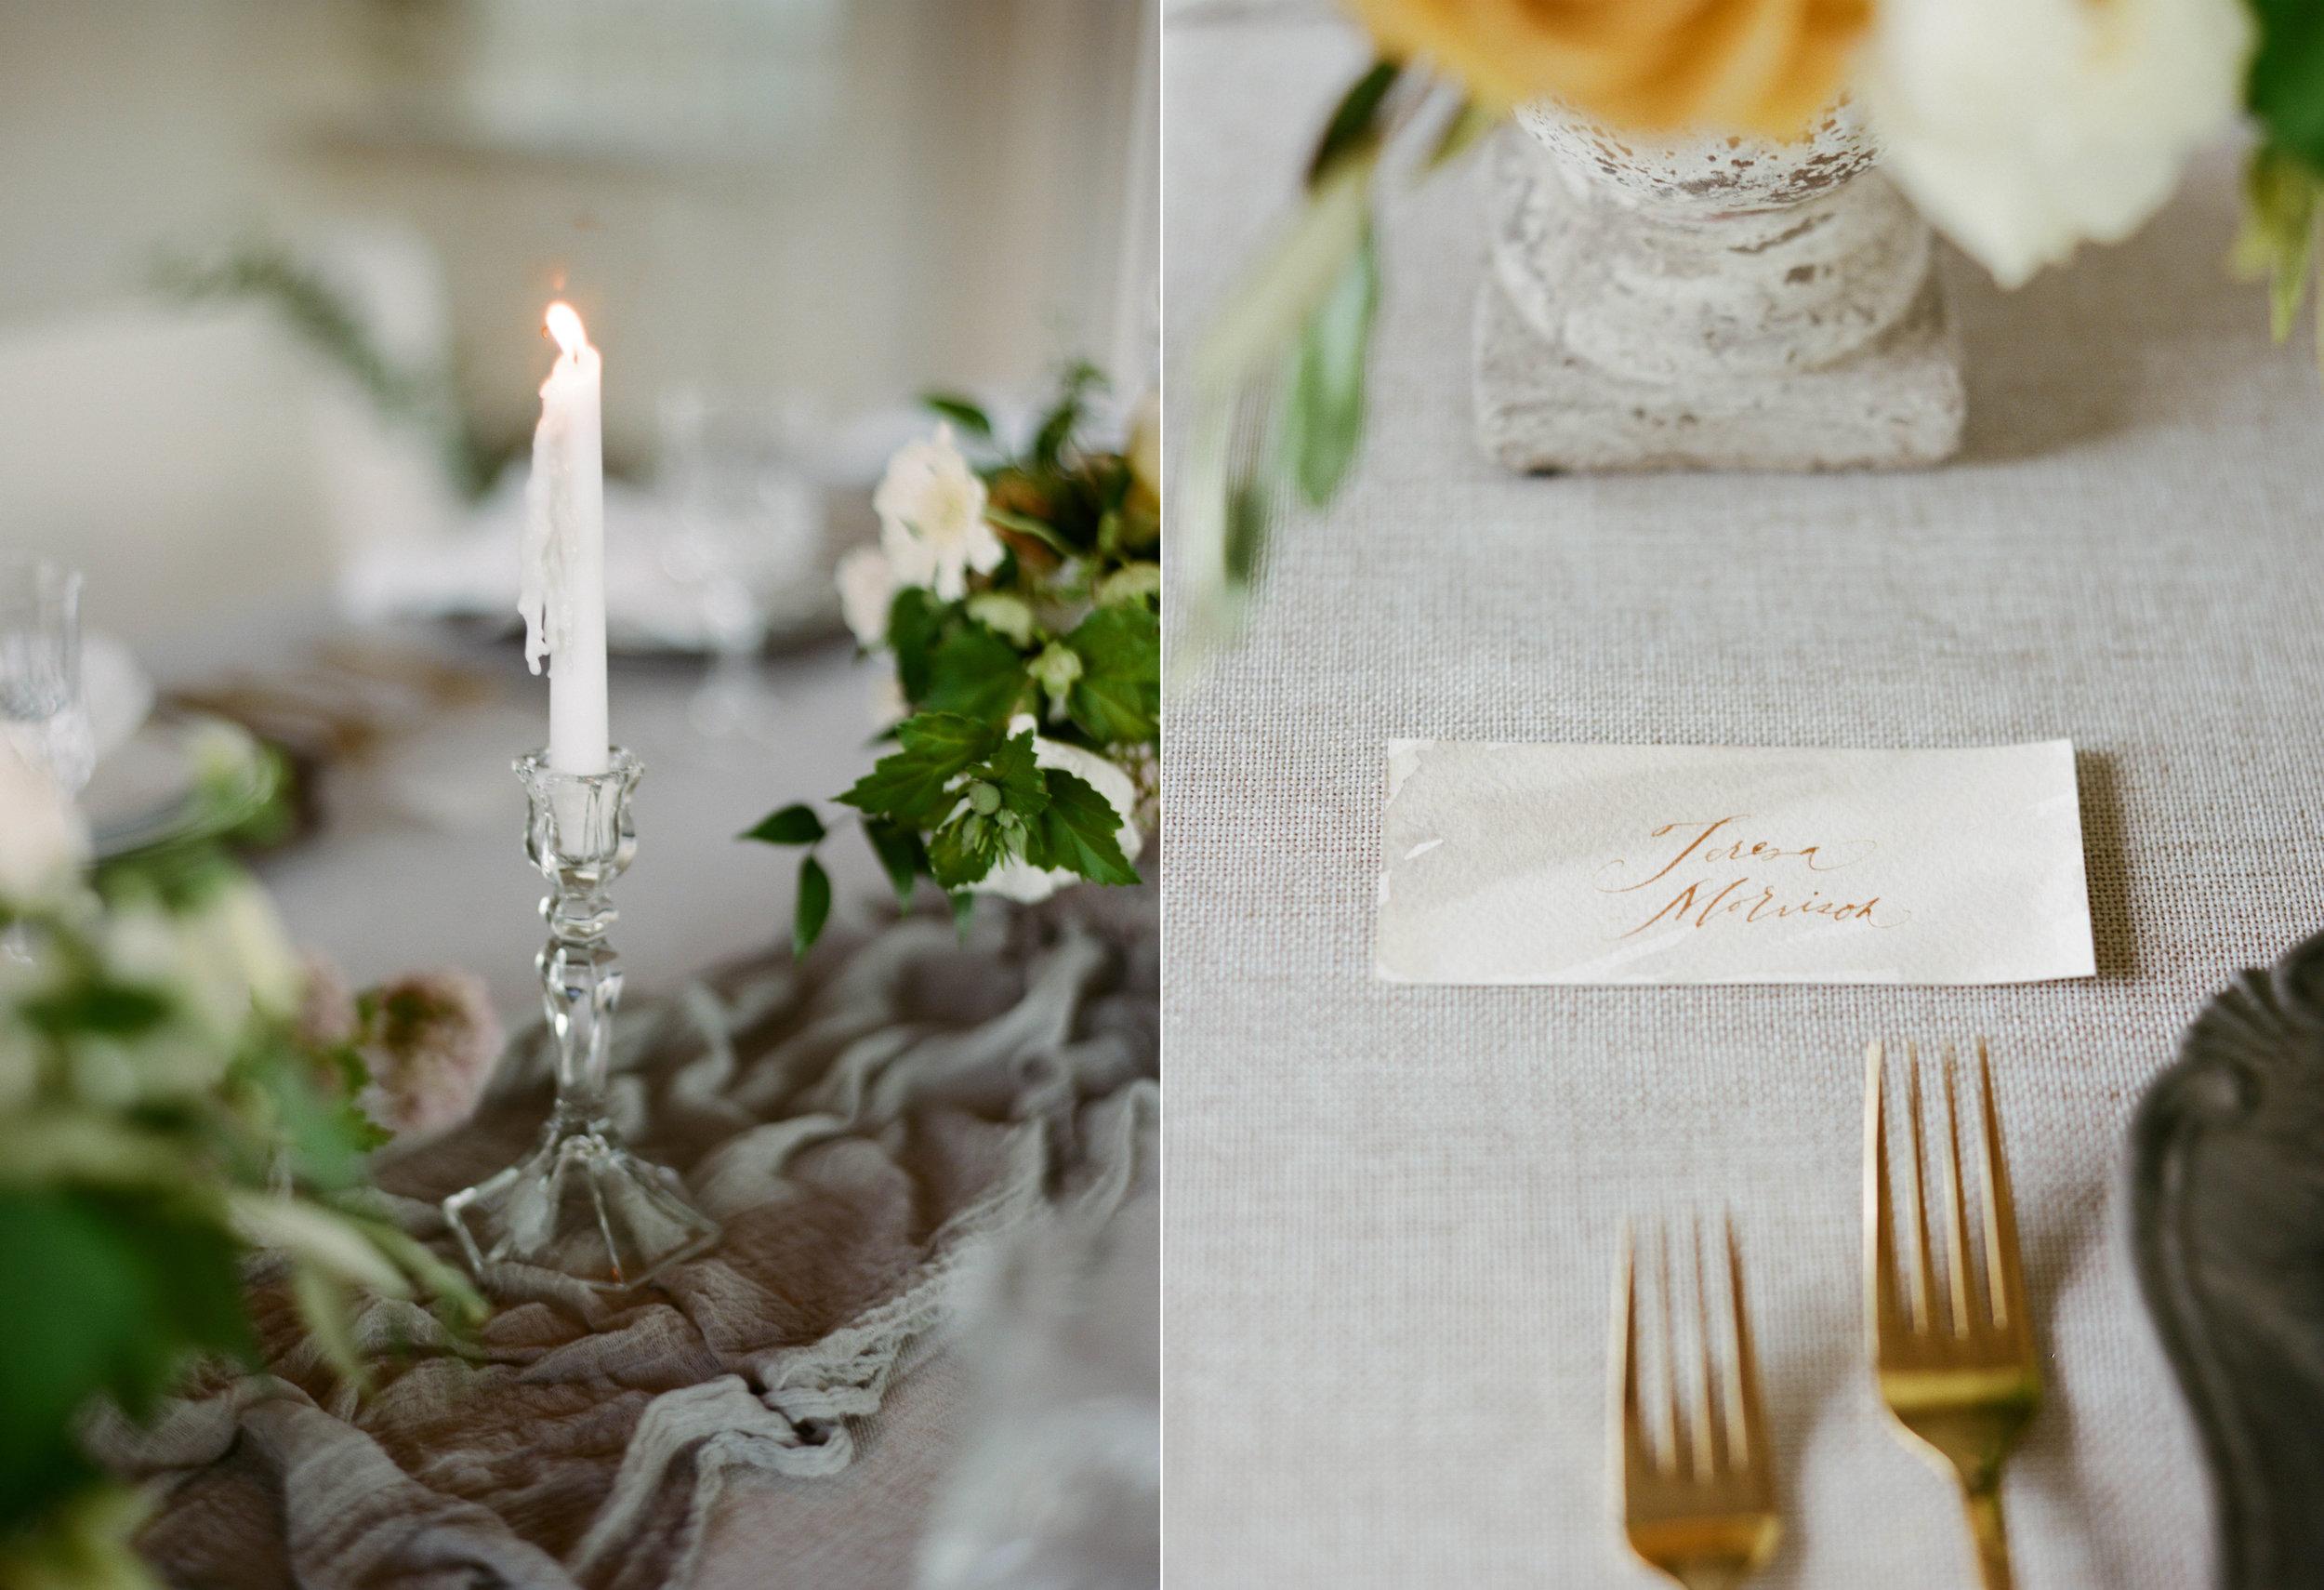 Penticton Wedding Reception Details.jpg